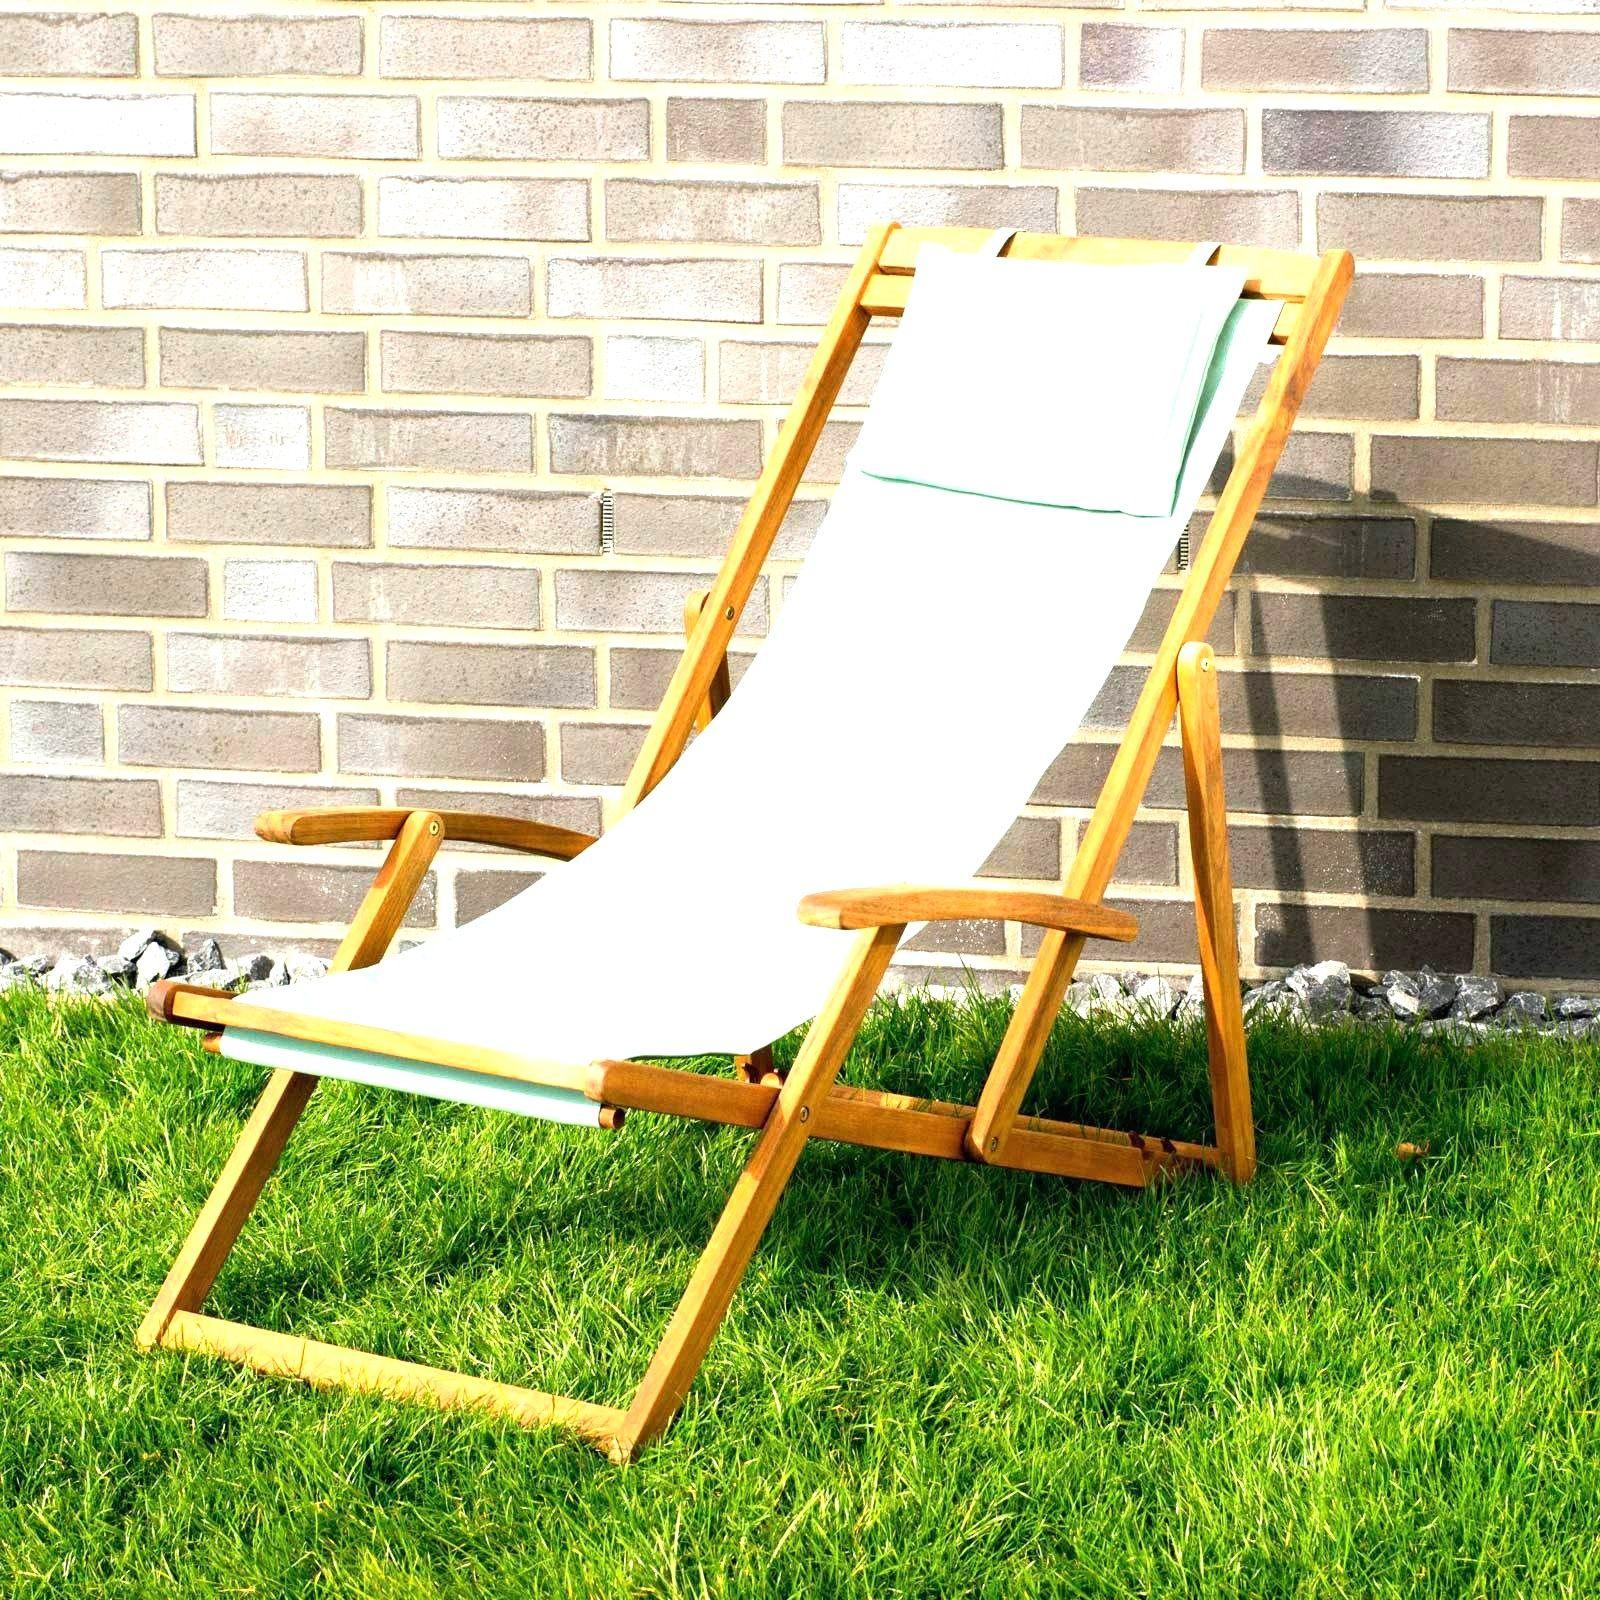 Full Size of Liegestuhl Klappbar Ikea Strandliege Küche Kaufen Bett Ausklappbar Sofa Mit Schlaffunktion Kosten Garten Betten Bei 160x200 Miniküche Modulküche Wohnzimmer Liegestuhl Klappbar Ikea